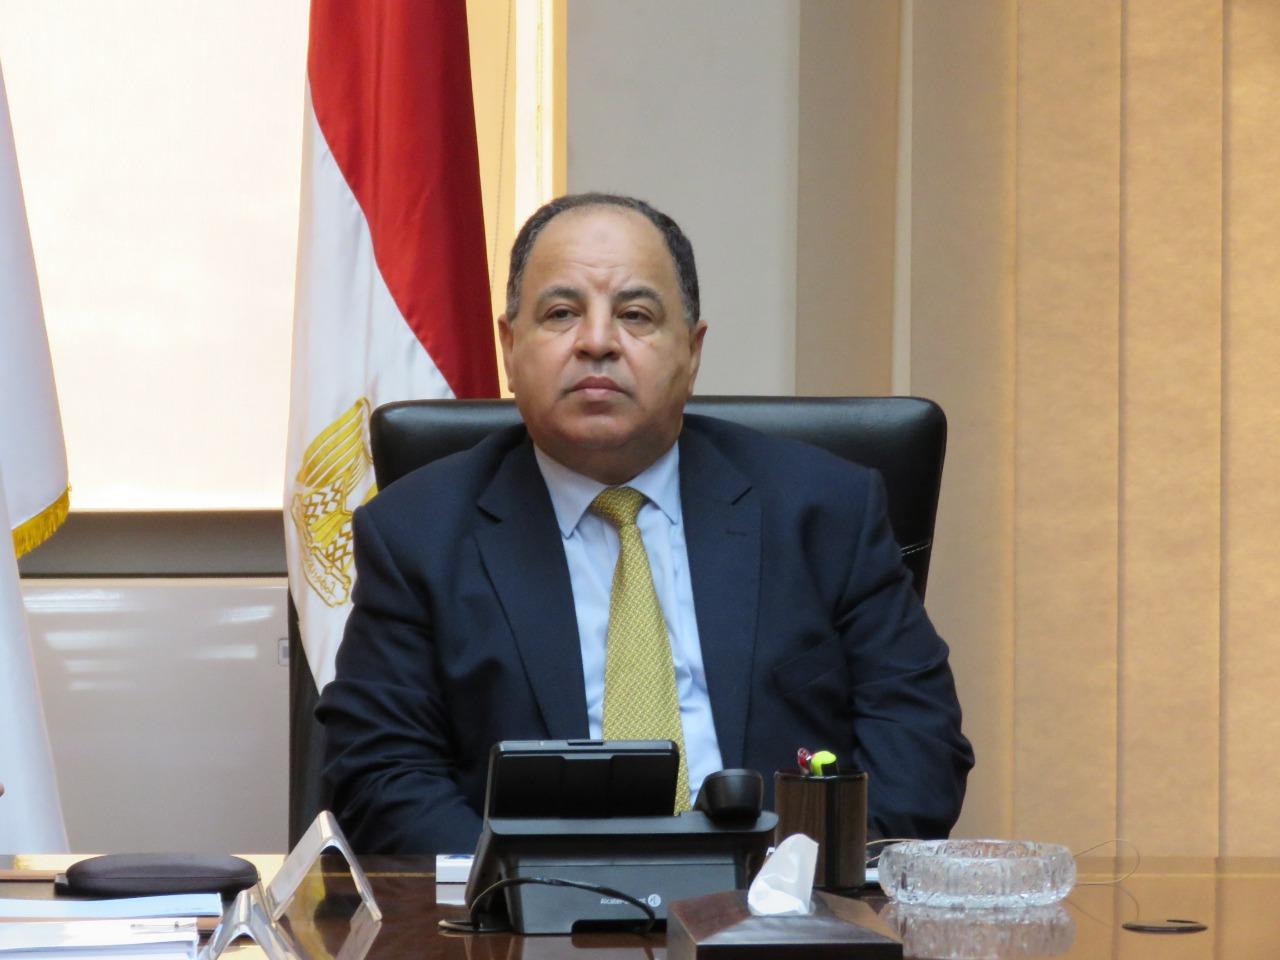 الرئيس السيسي يكلف الحكومة بوضع كافة الإمكانات المصرية تحت أمر السودان